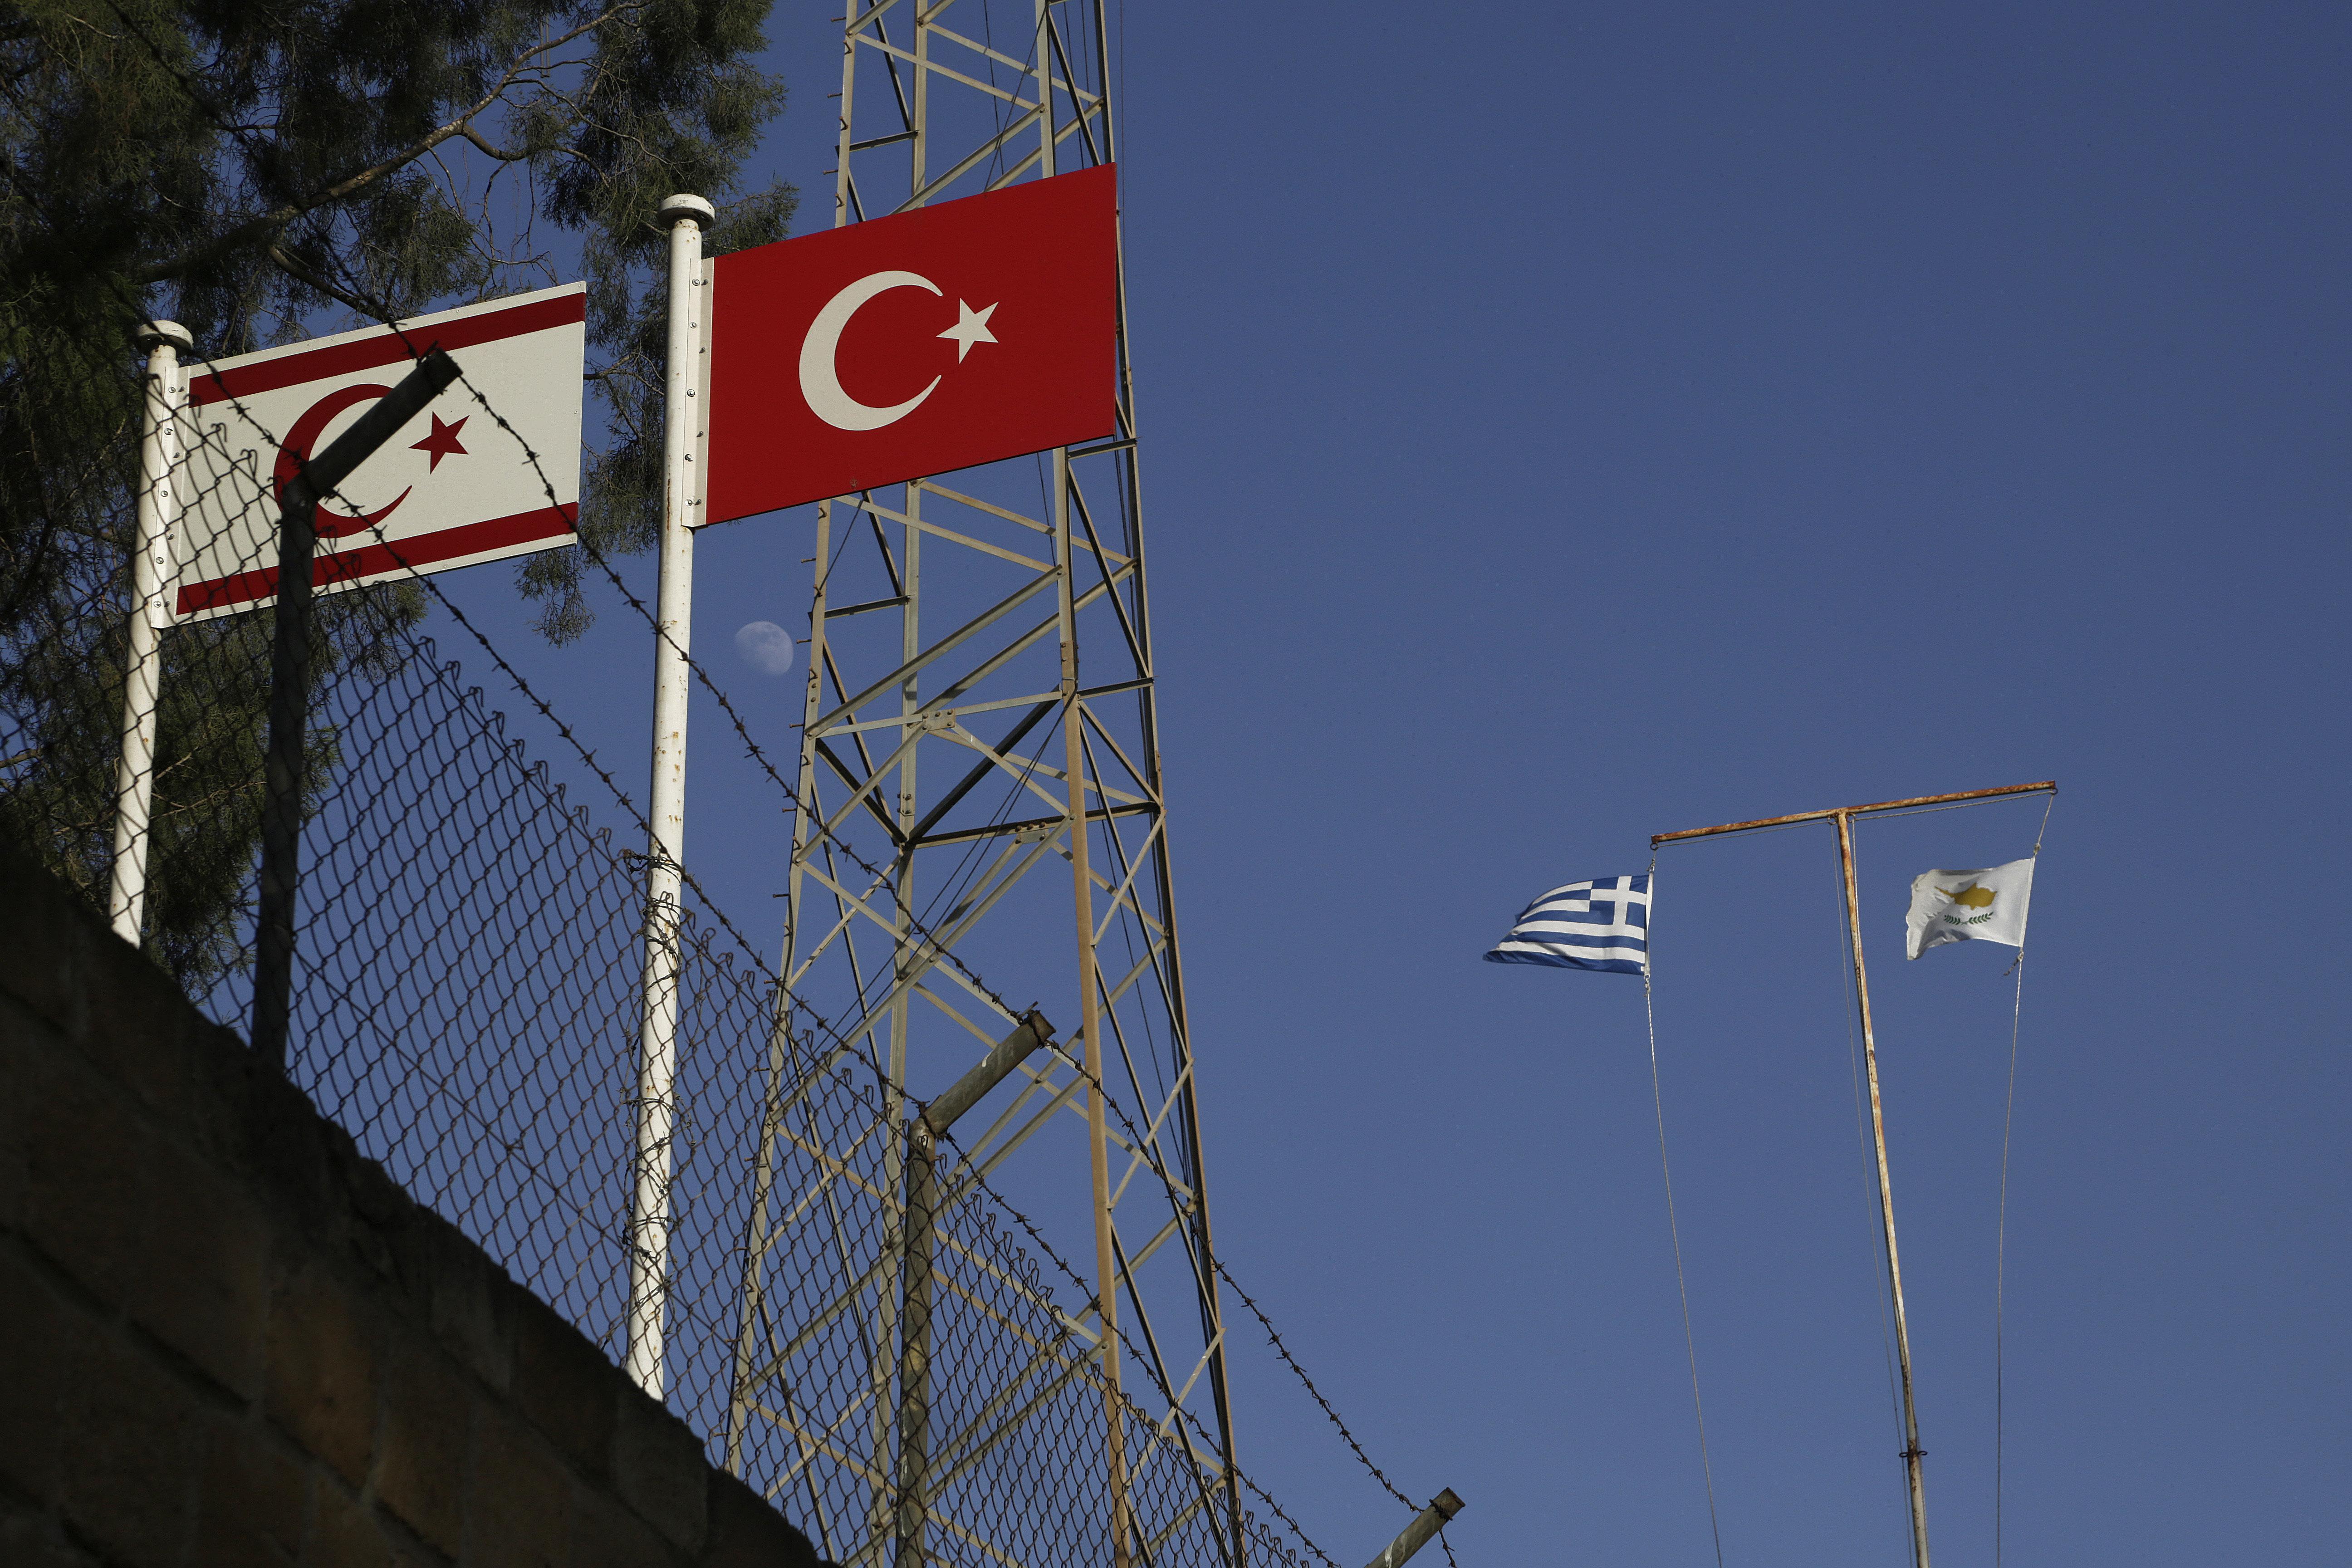 Υπουργείο Εξωτερικών: Η Τουρκία να ανακαλέσει την «ανεξαρτησία» του